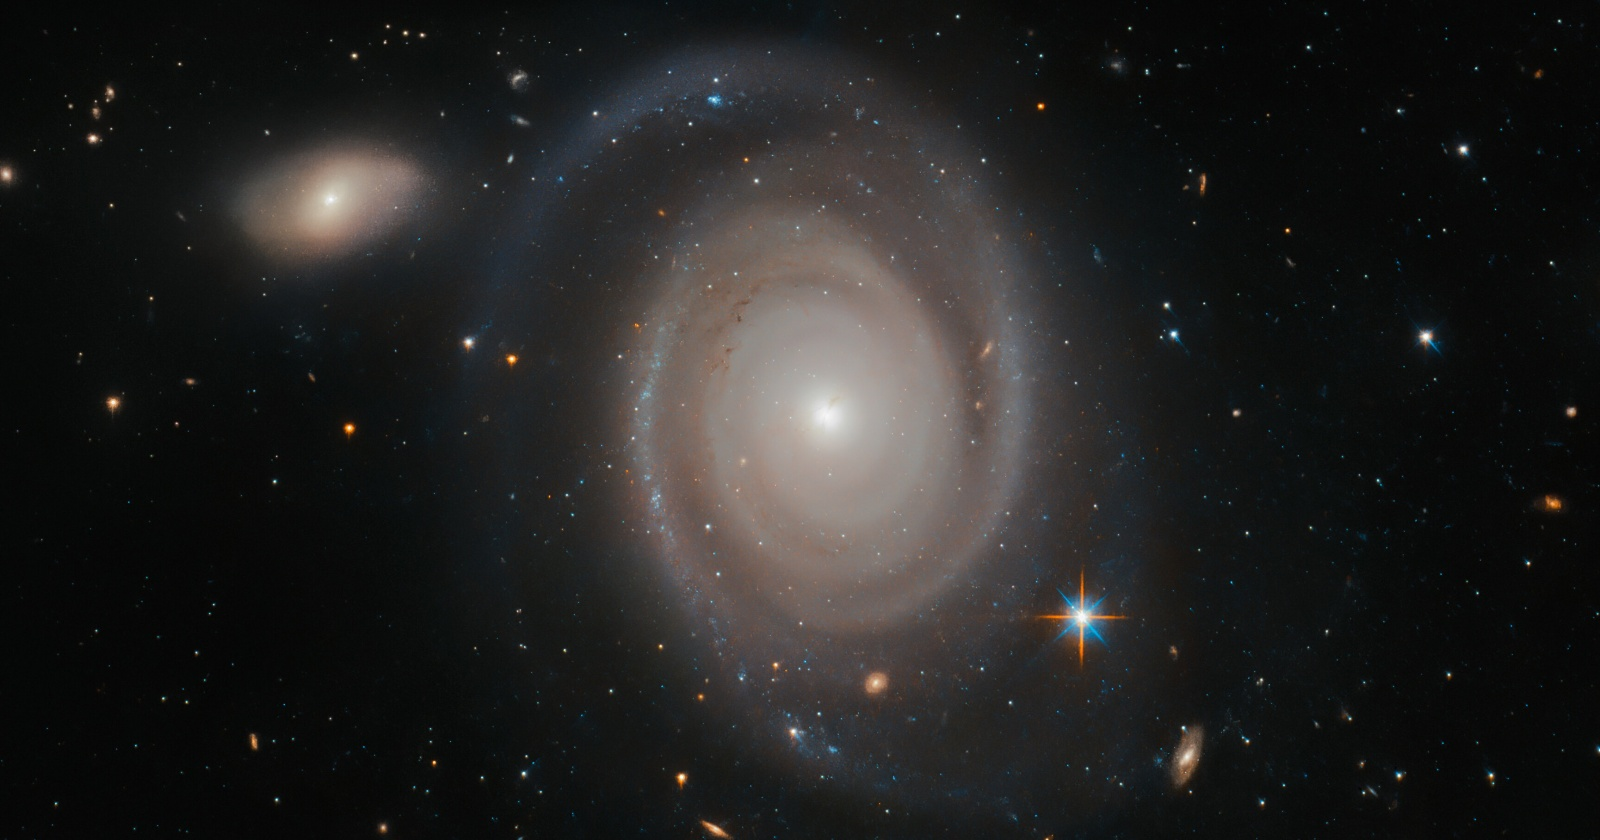 «Хаббл» получил удивительный снимок галактики в 230 млн световых лет